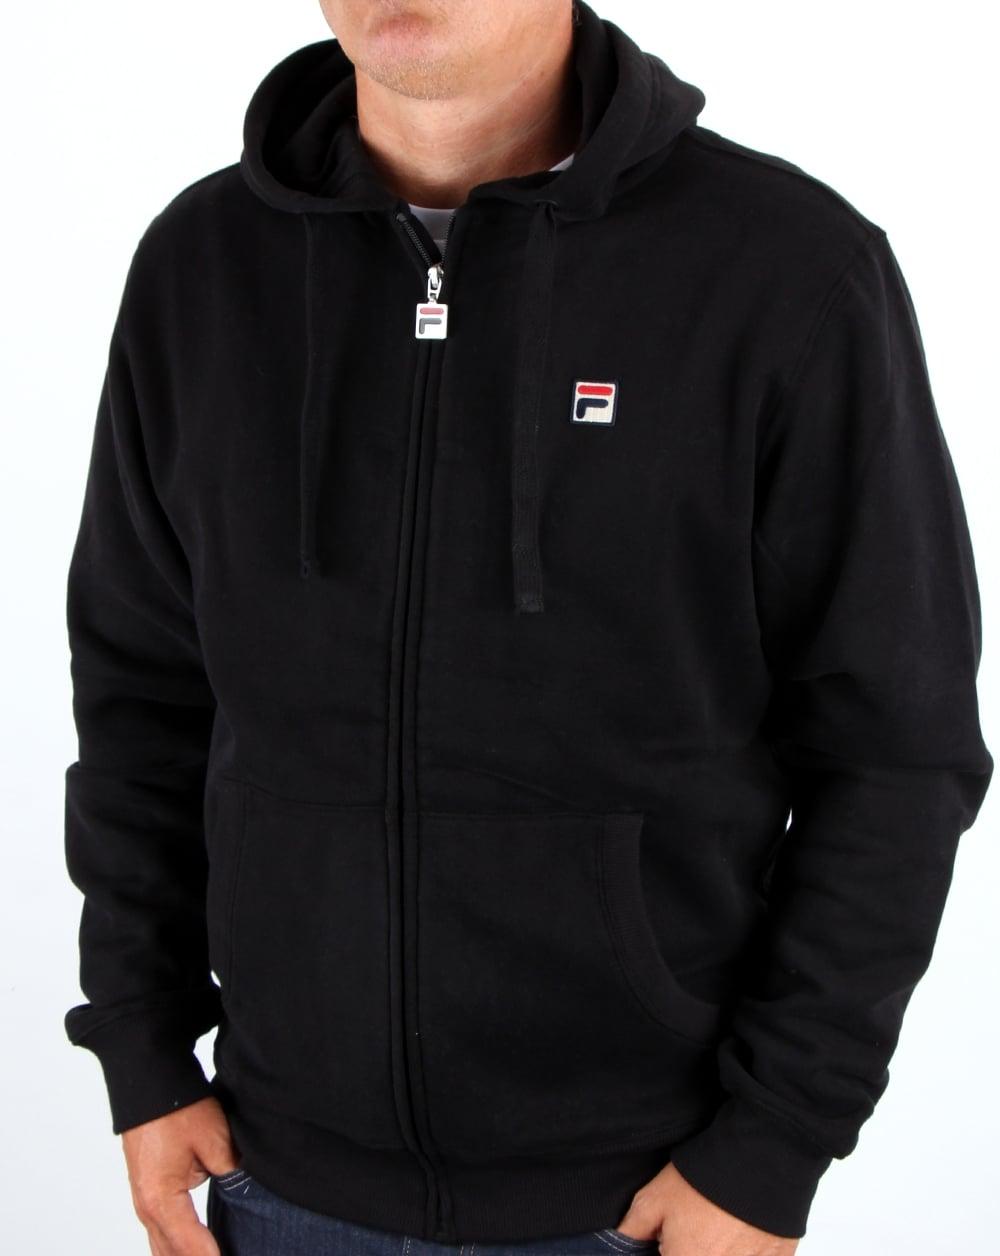 032decc2 Fila Vintage Full Zip Hooded Top Black